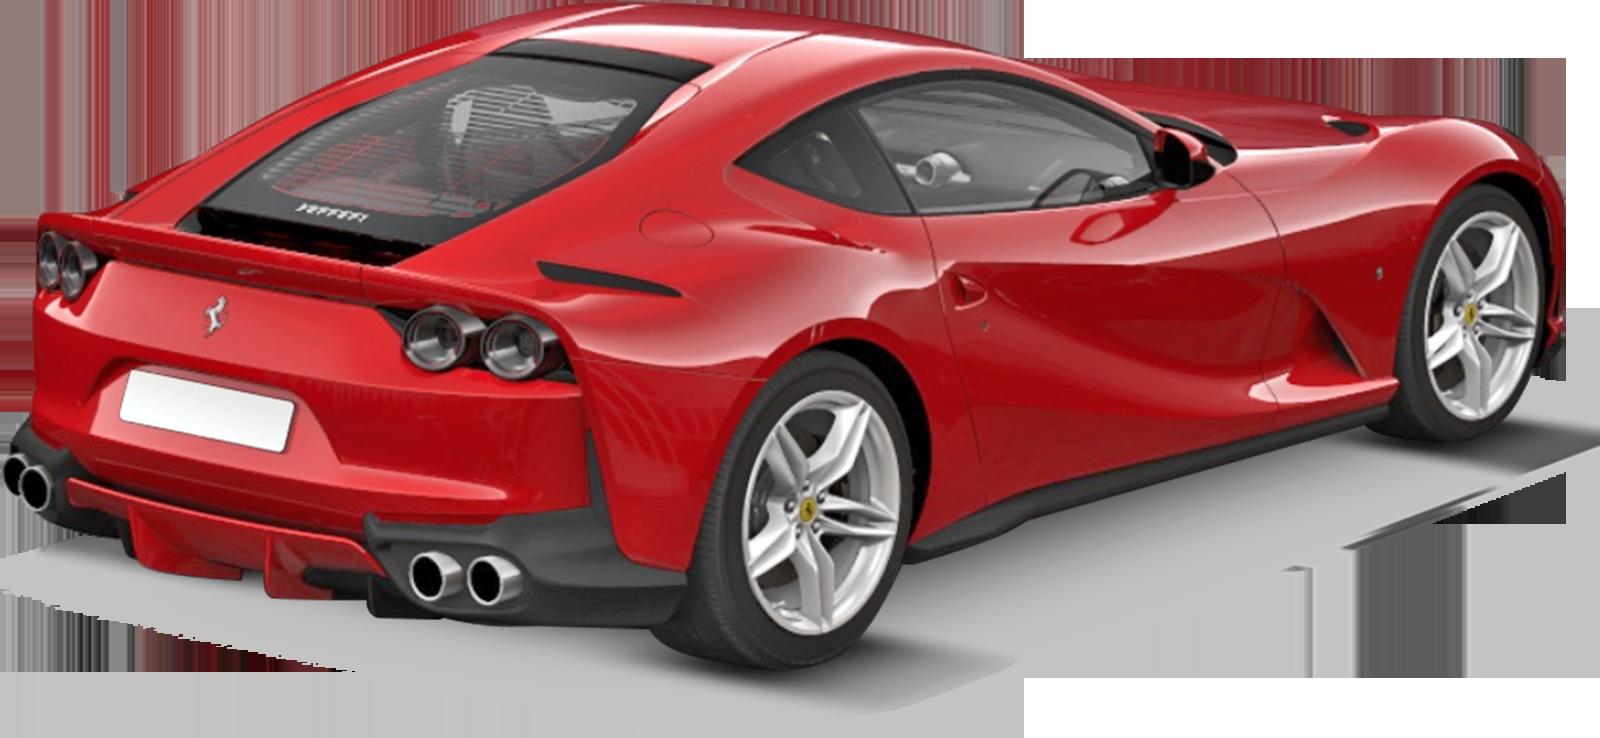 Listino Ferrari 812 Superfast prezzo - scheda tecnica - consumi - foto -  AlVolante.it